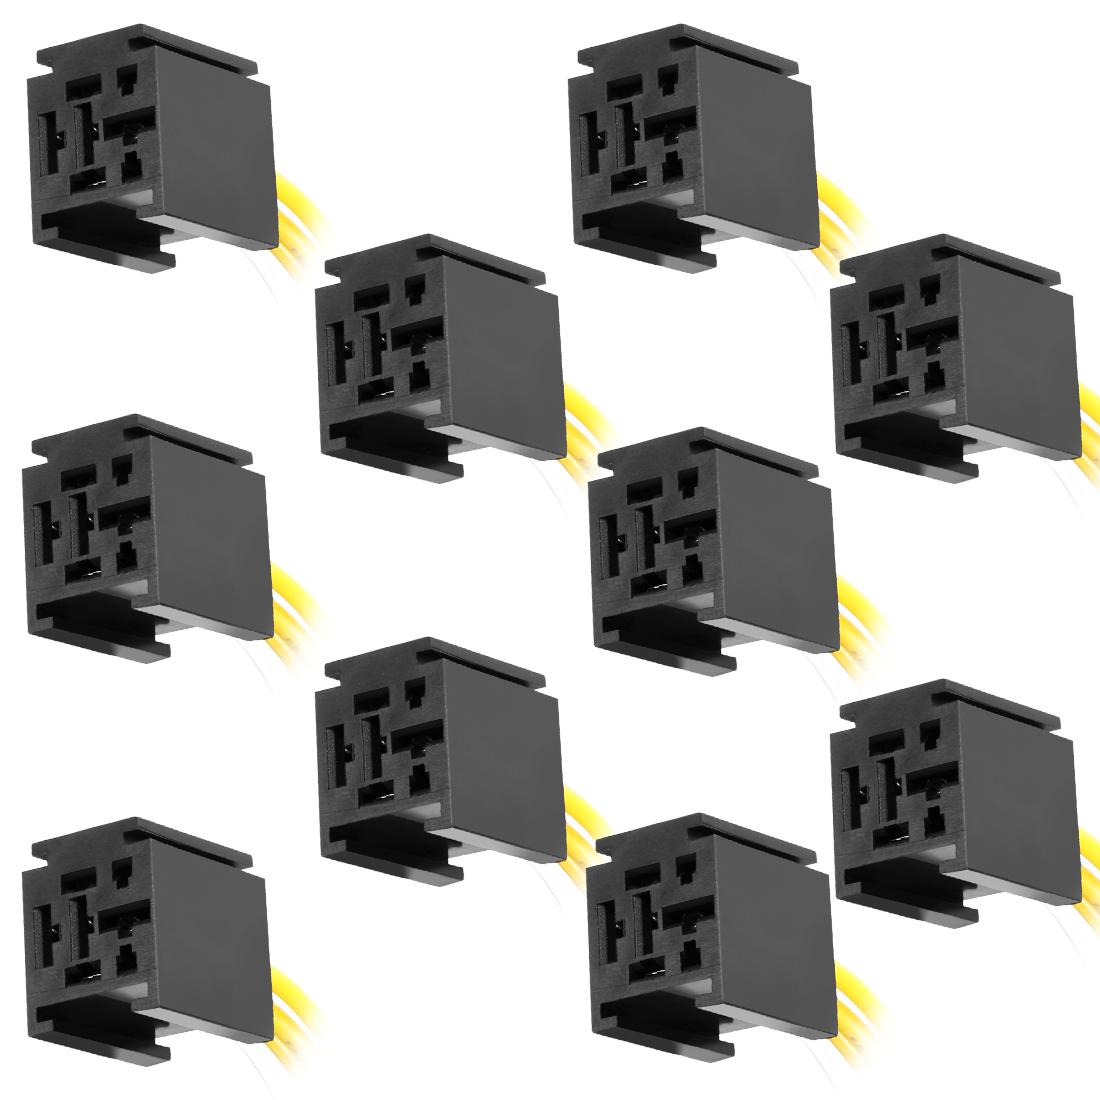 10pcs DC 12V/24V 80A 5 Terminals Relay Socket Harness Connector for Auto Car